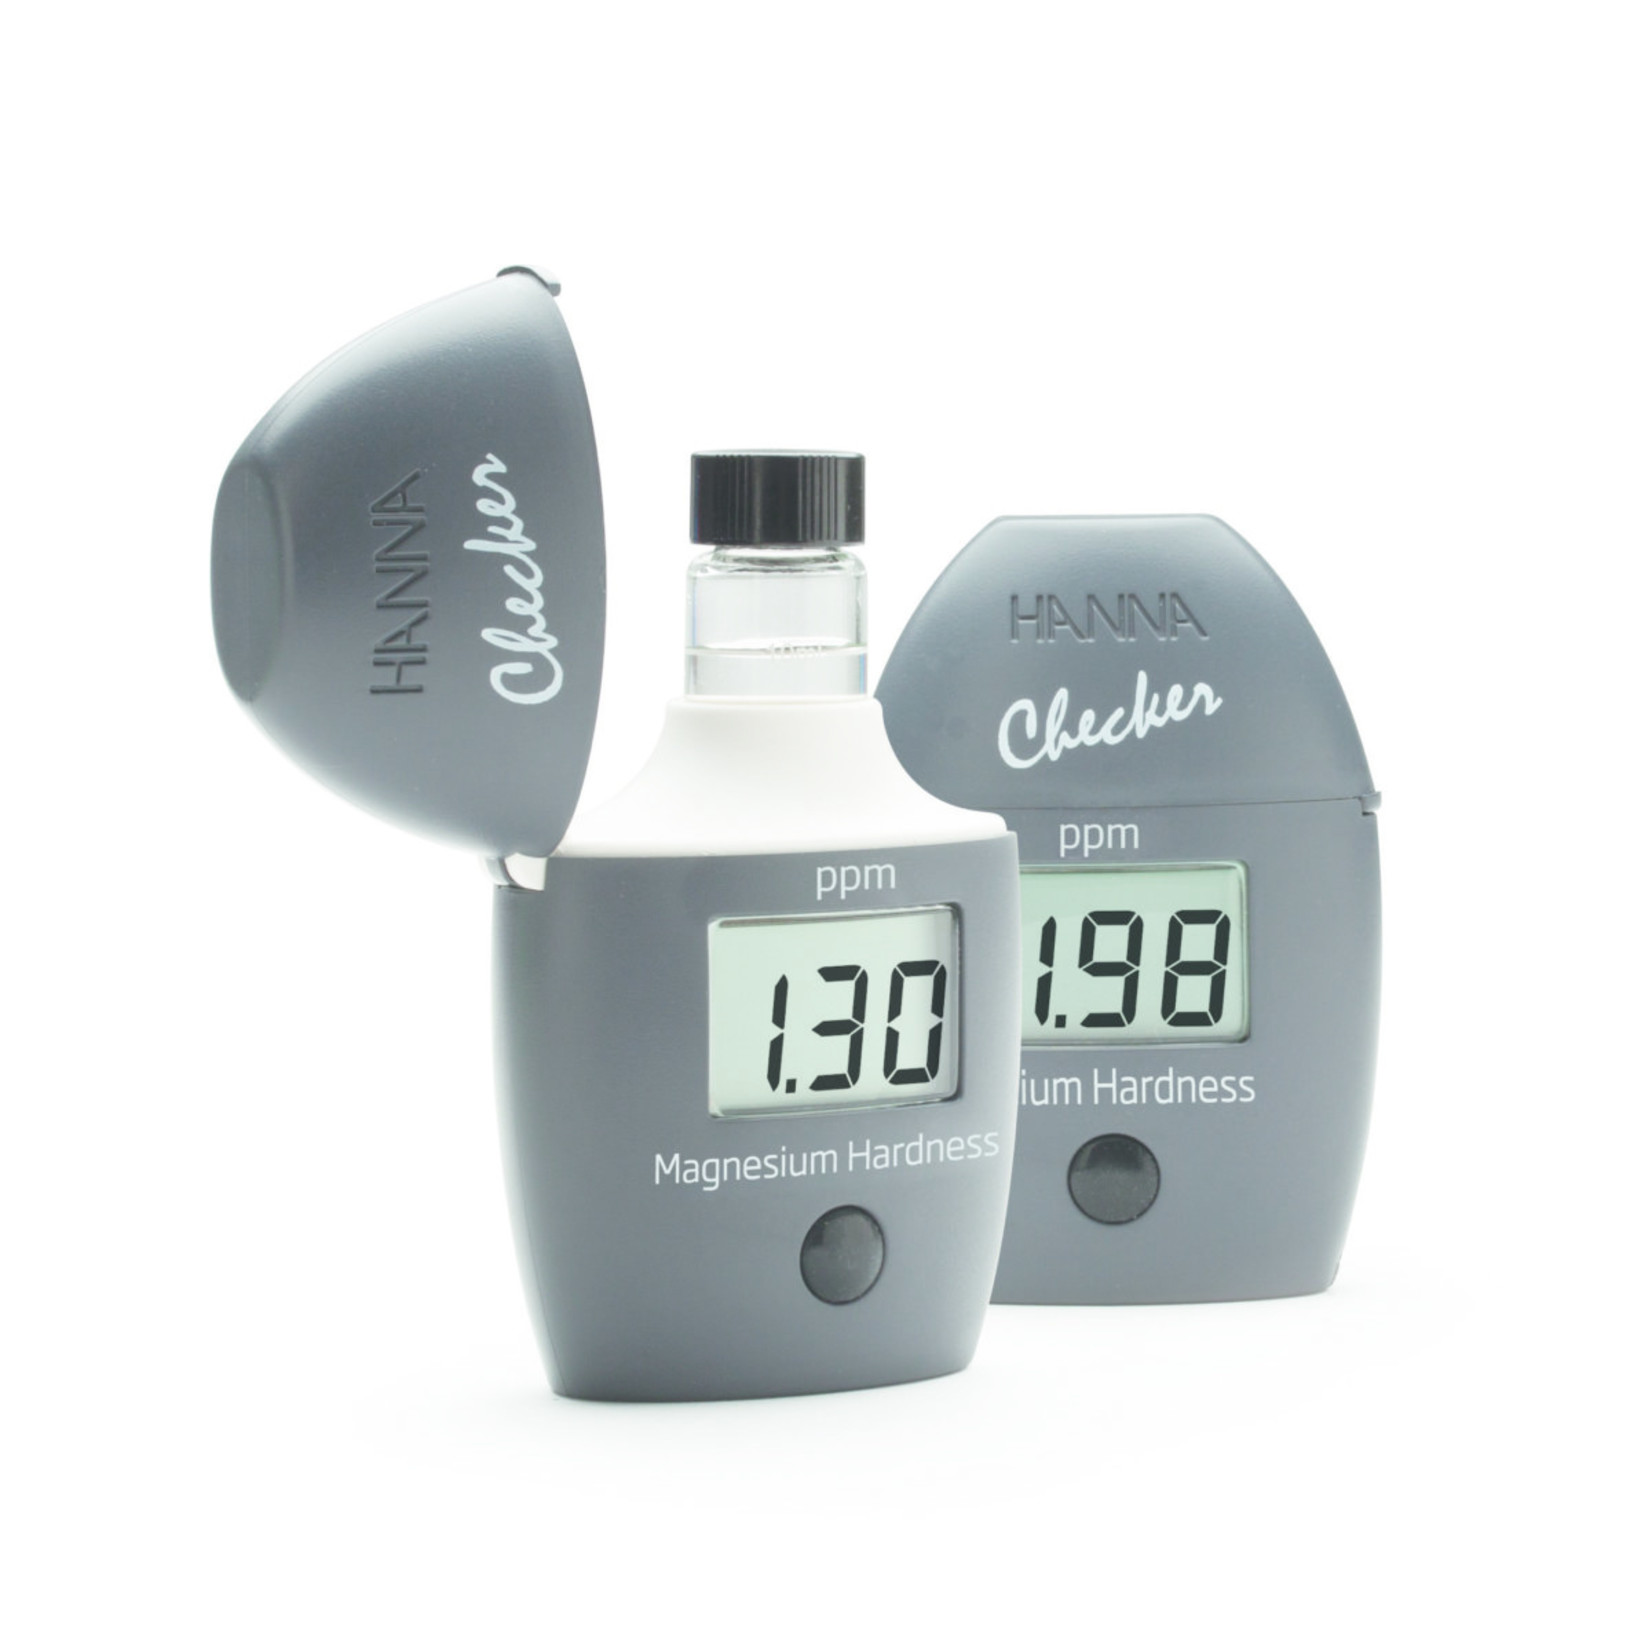 Hanna Instruments HI720 colorimeter / checker calcium hardness LR 0,00 tot 2,70 mg/l